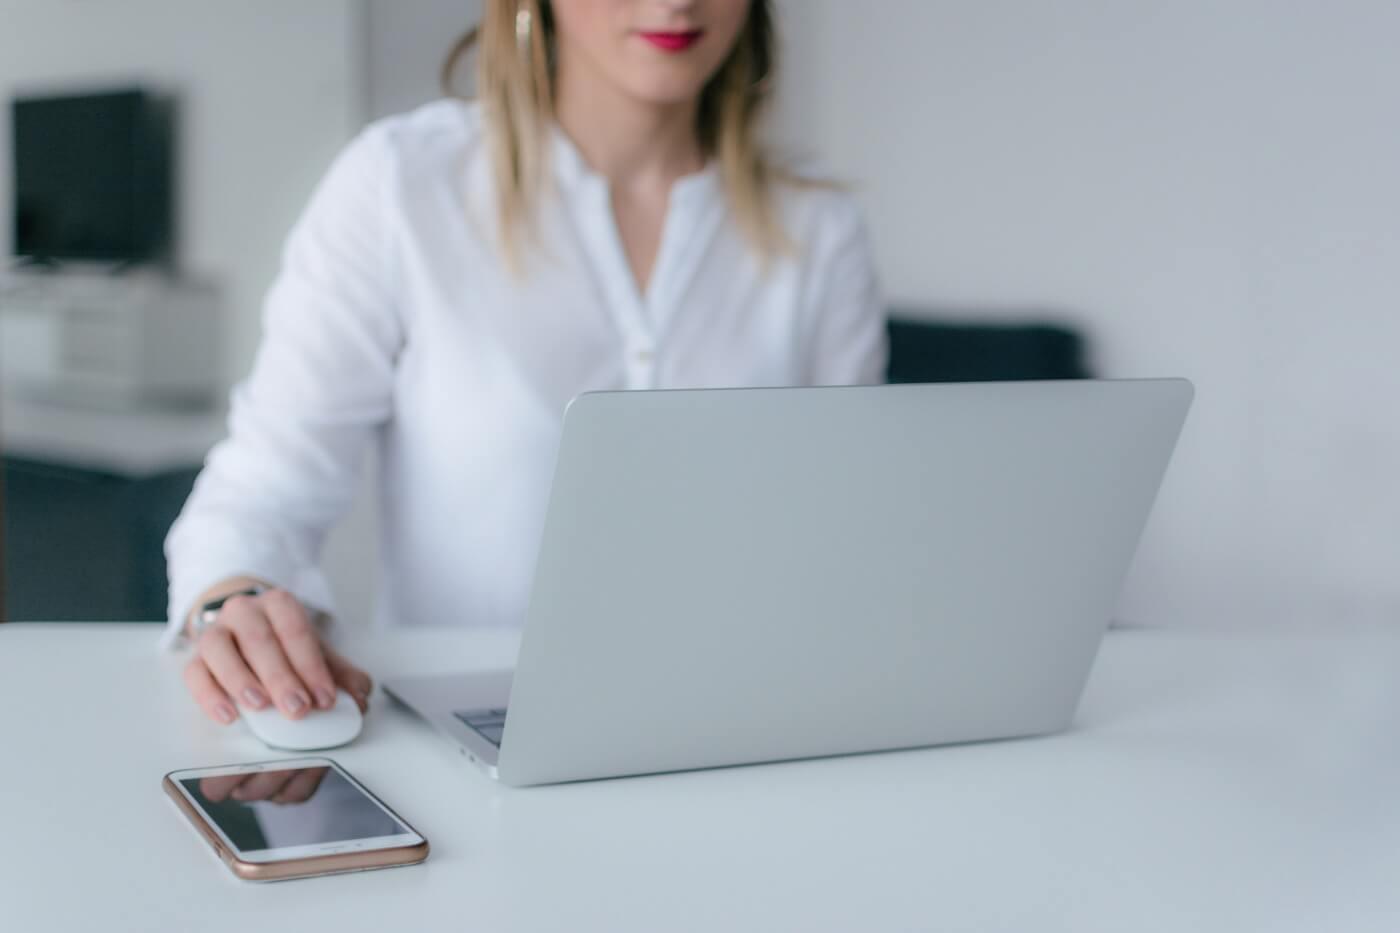 Jobsuche im Netz: Die beliebtesten Internetportale [Infografik]